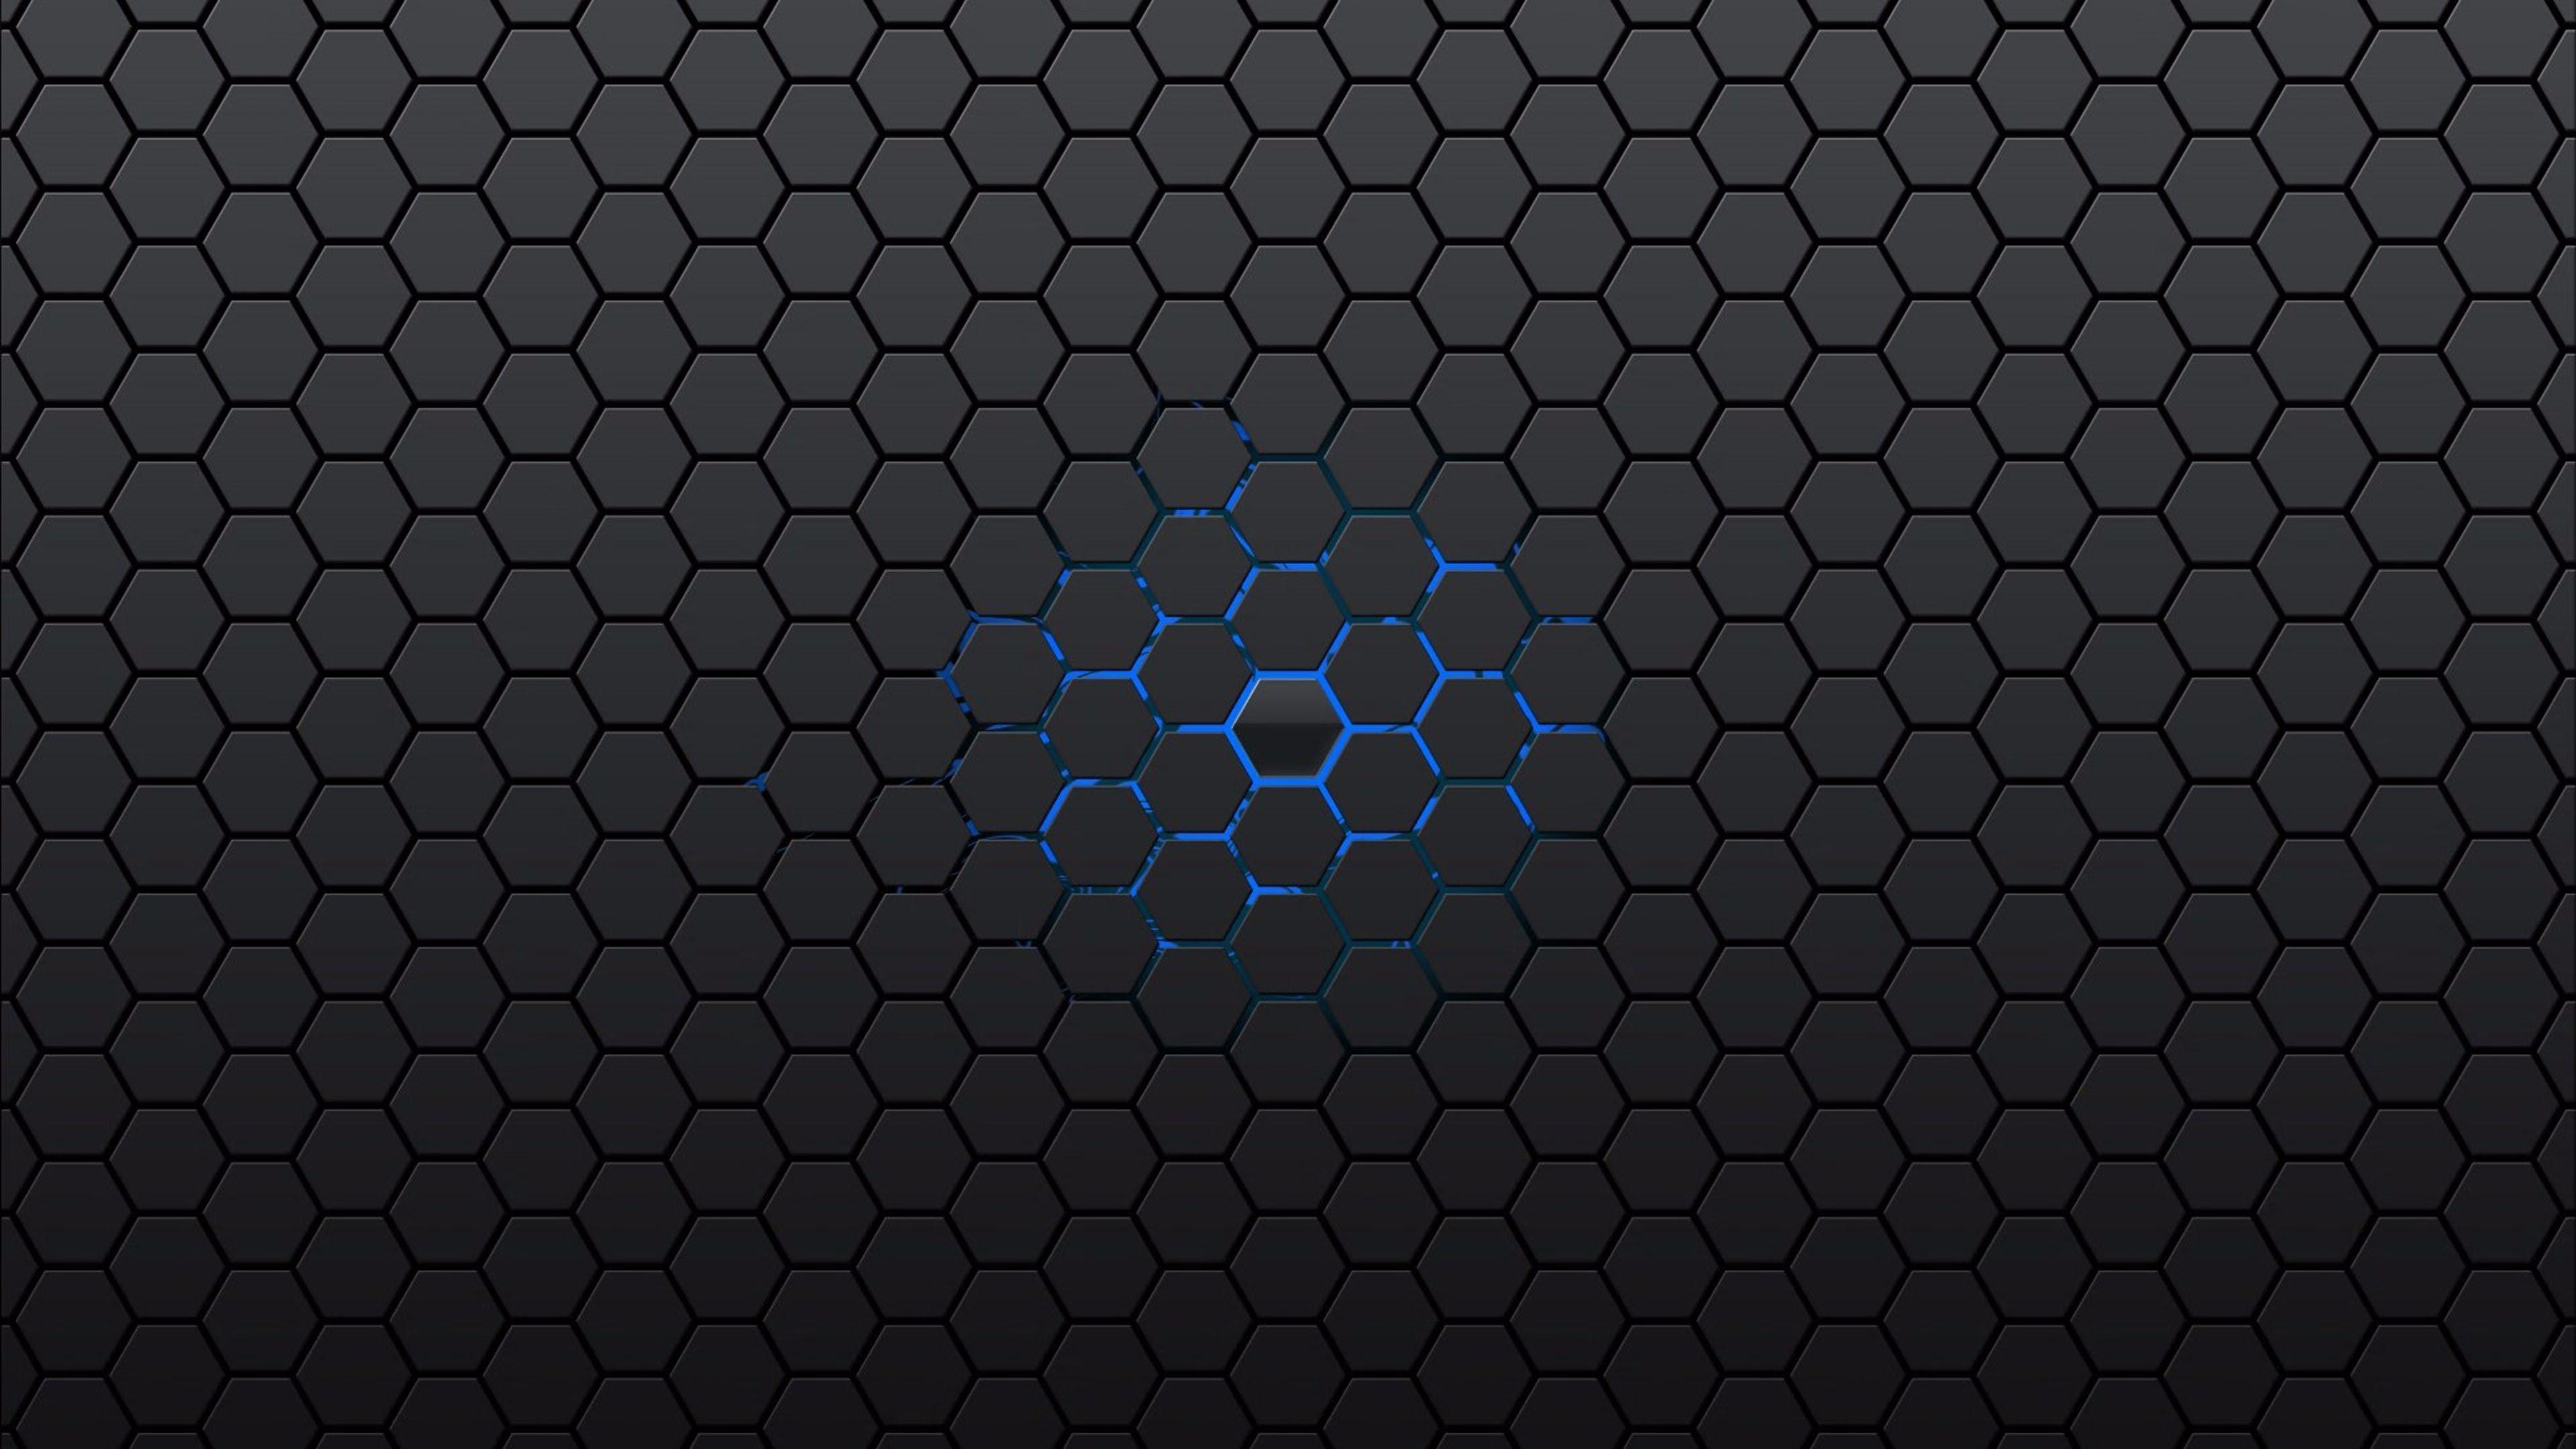 Download Image In 2020 Hexagon Wallpaper Honeycomb Wallpaper Abstract Wallpaper